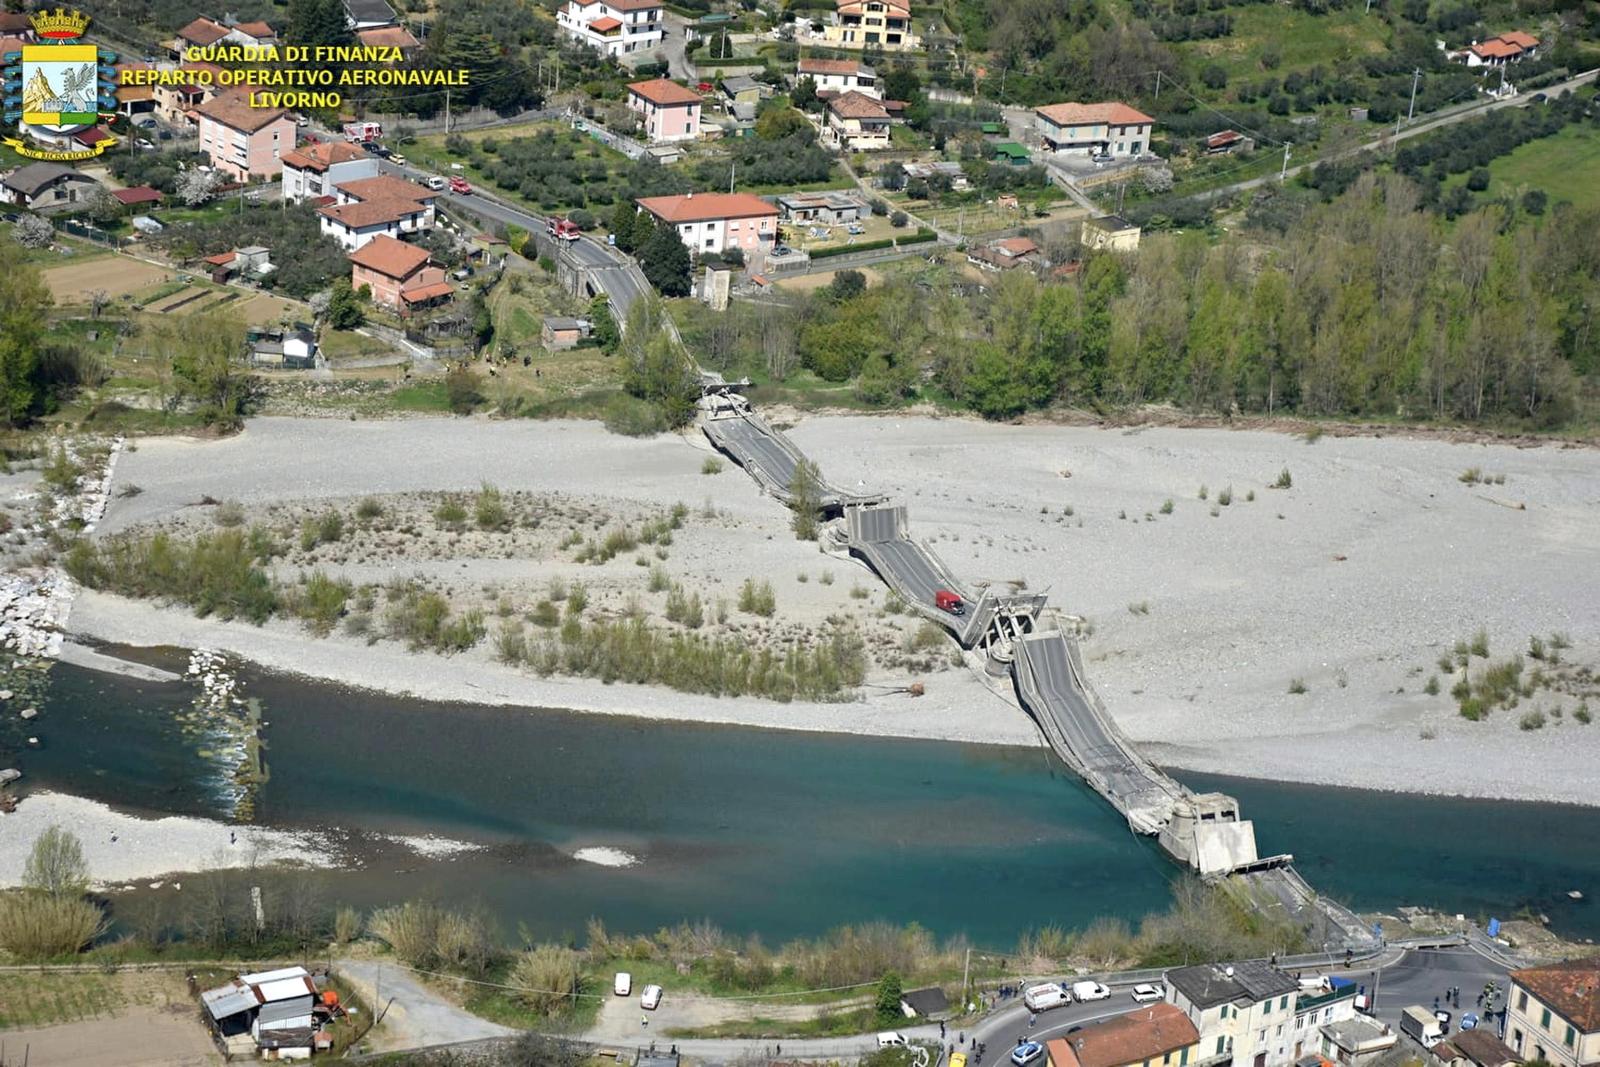 Włochy - zawalił się most   EPA/GUARDIA FINANZA